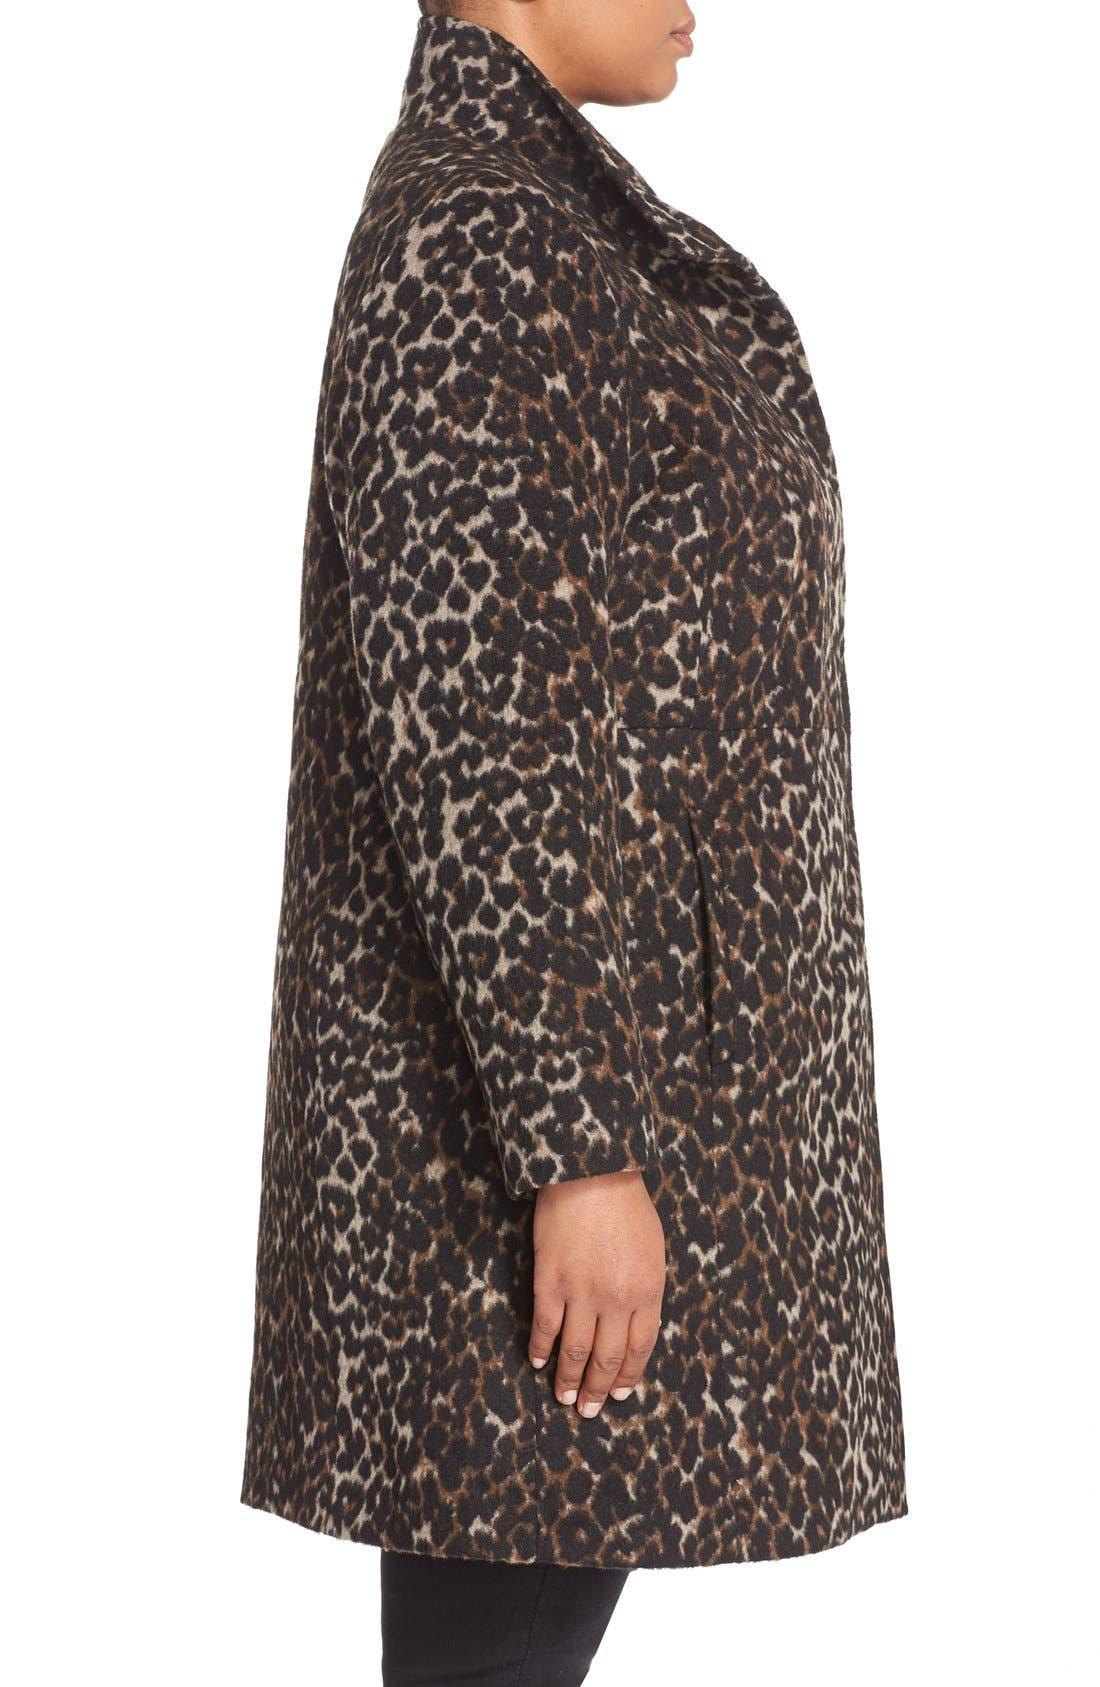 VIA SPIGA, Leopard Print Stand Collar Coat, Alternate thumbnail 3, color, 250